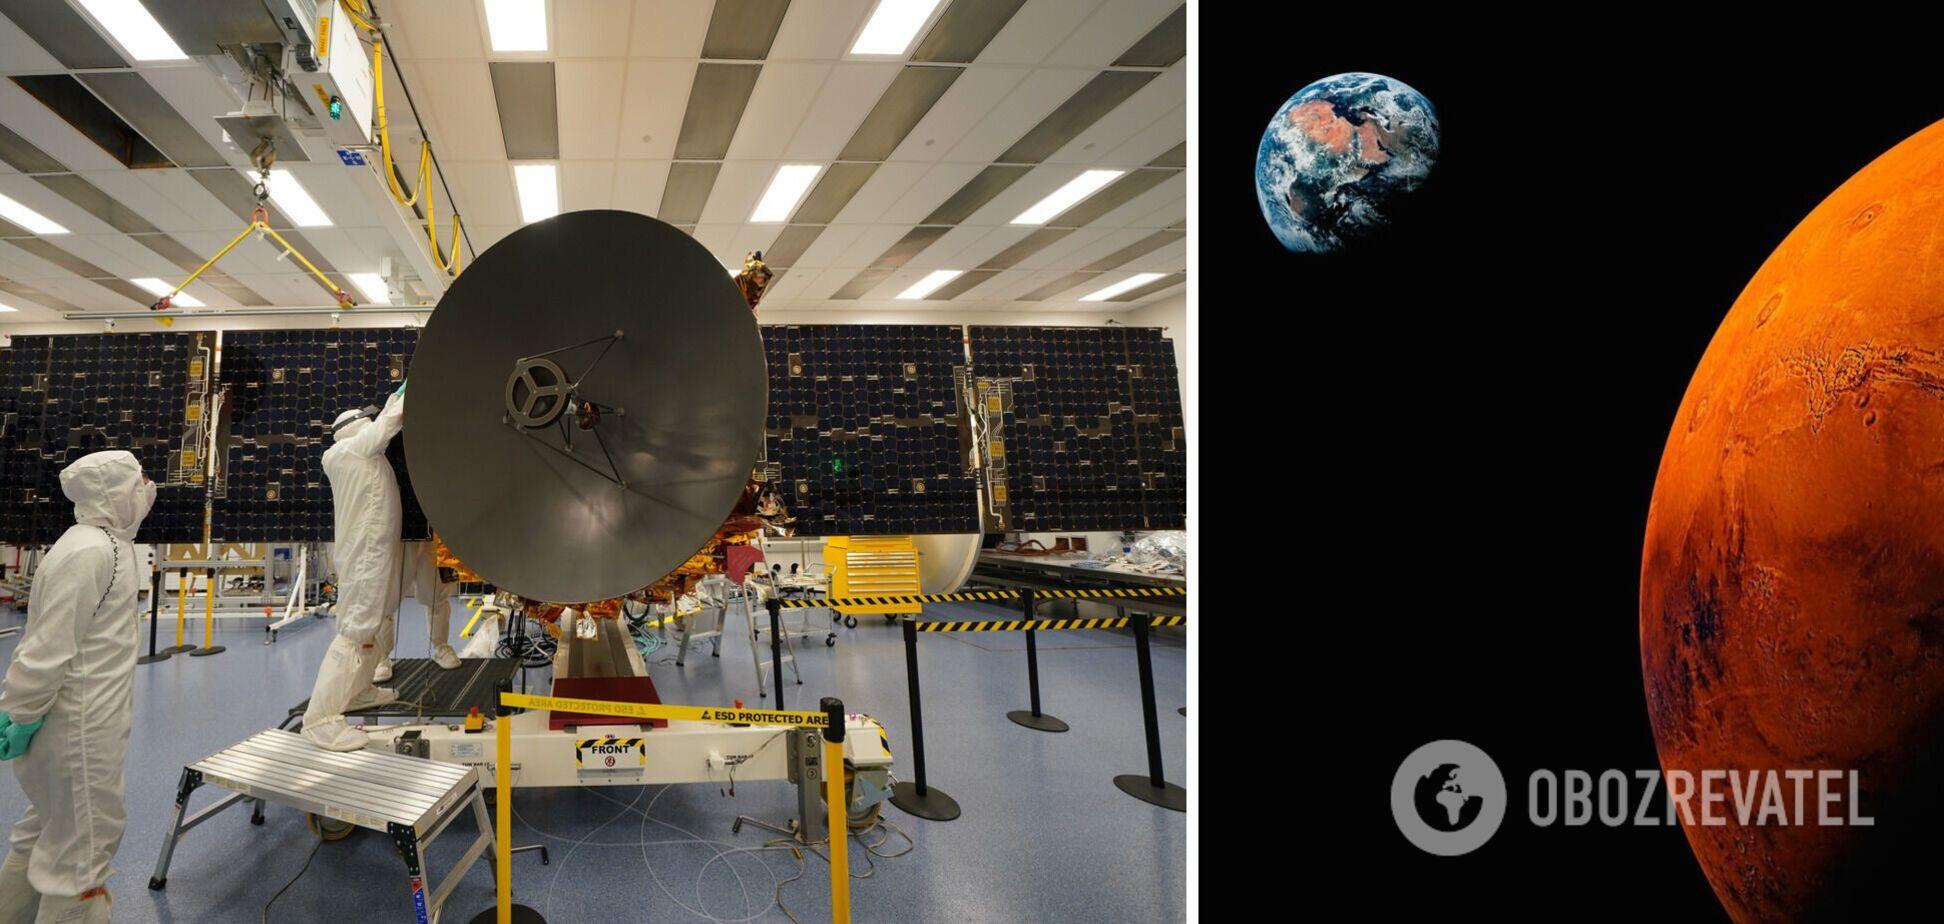 Получено детальное фото Марса с арабской космической станции